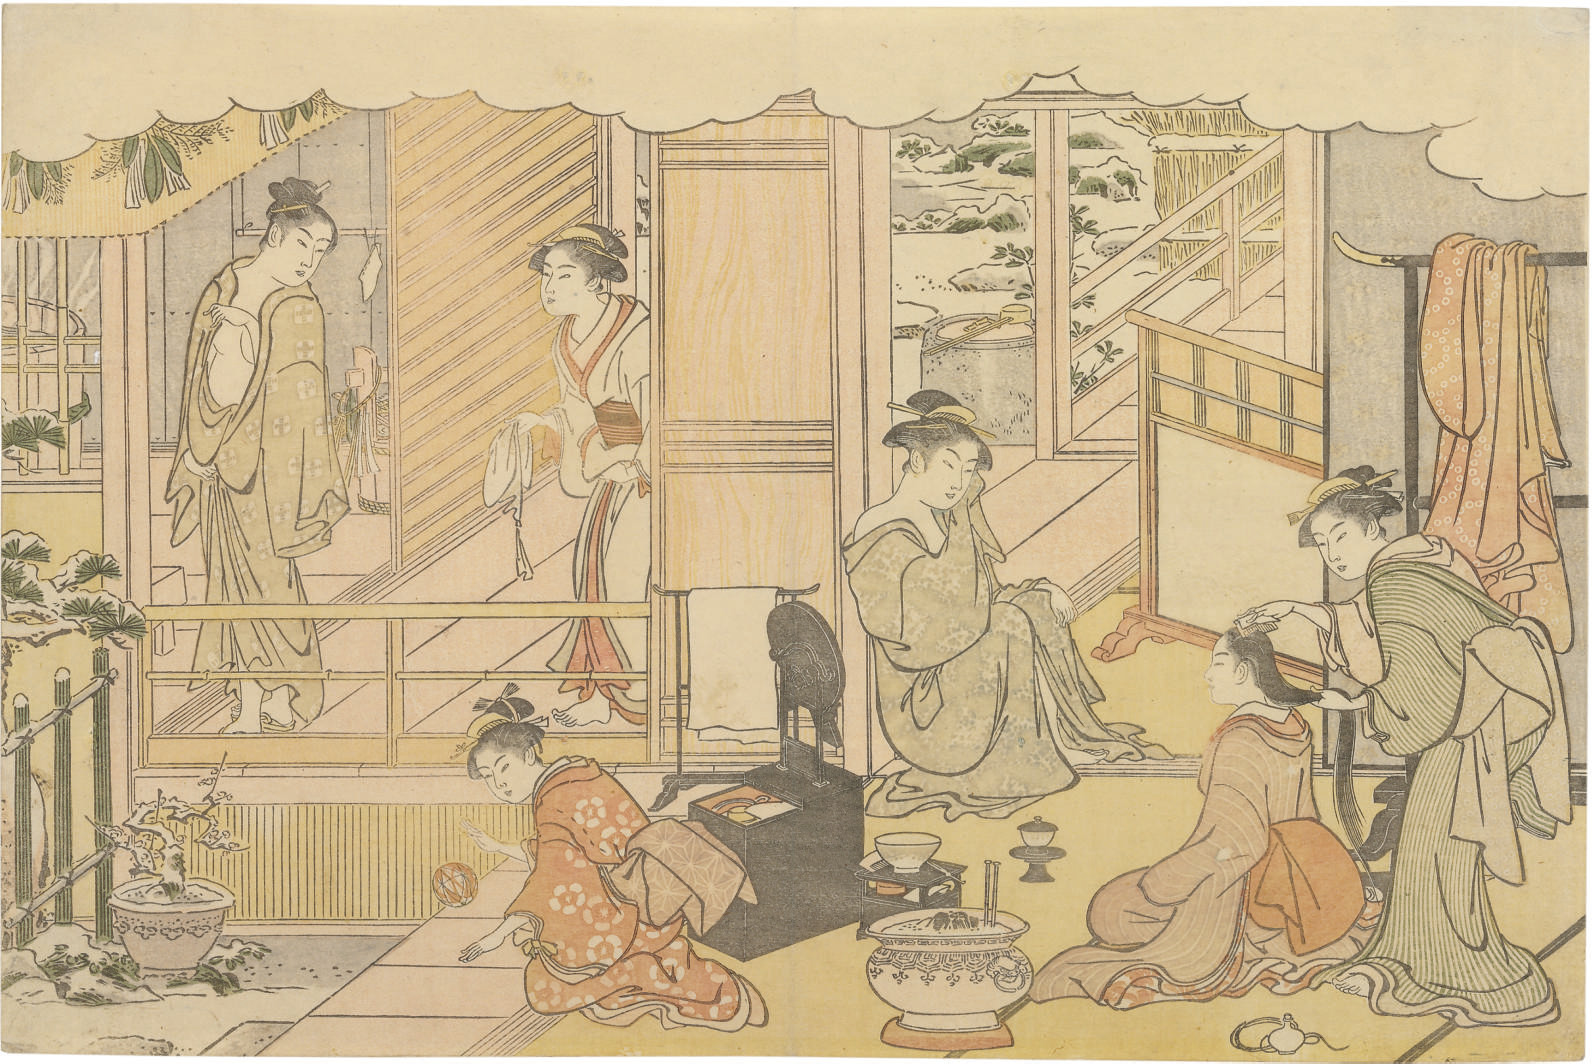 Saishiki mitsu no asa (Colors of the triple dawn)